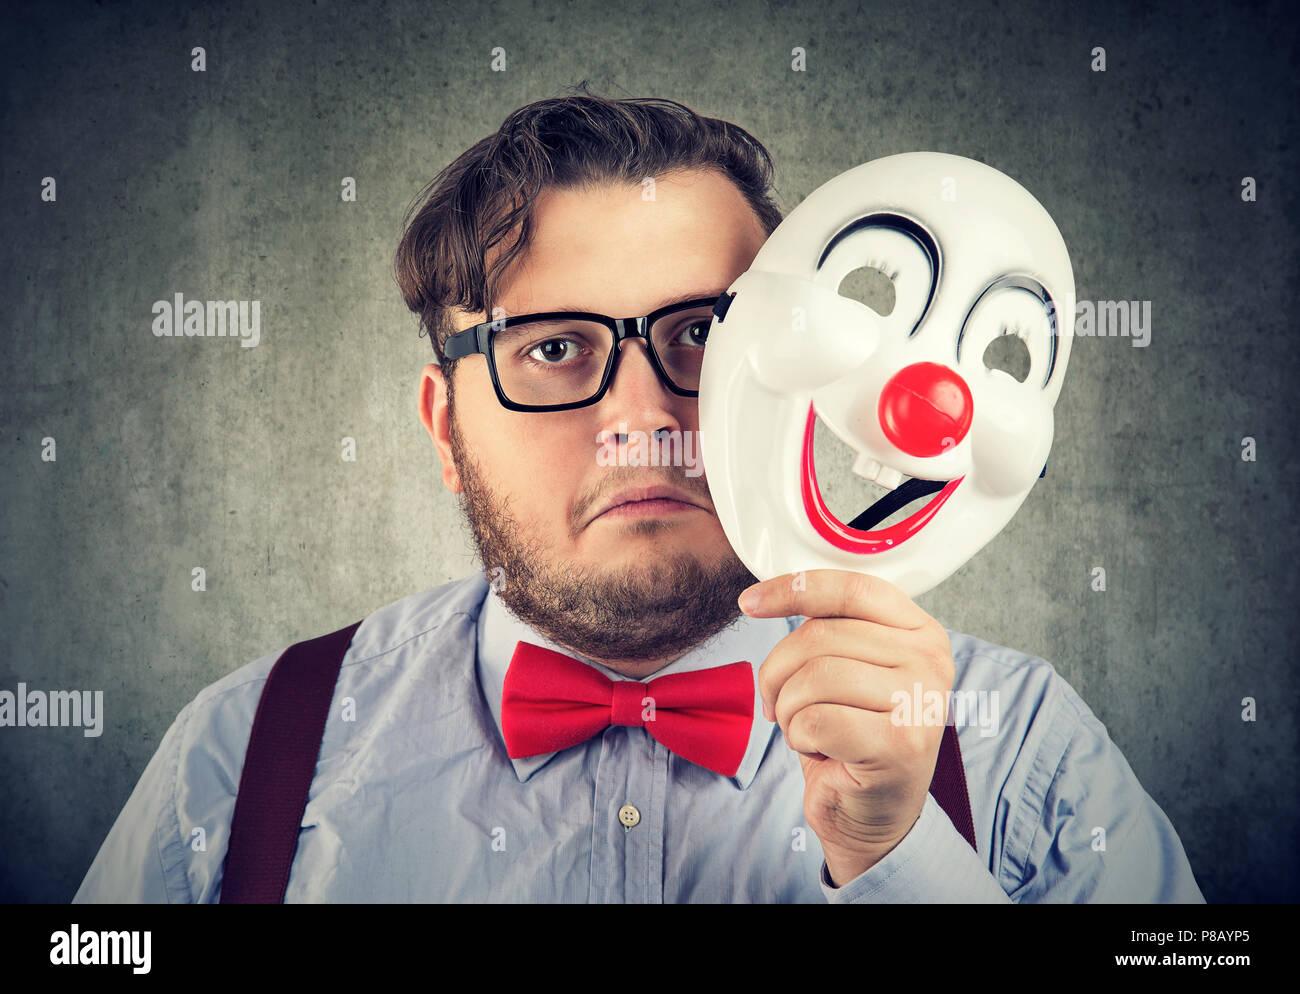 Junge bärtige Mann, glücklich Maske traurig und düster und Kamera schaut auf grauem Hintergrund Stockbild